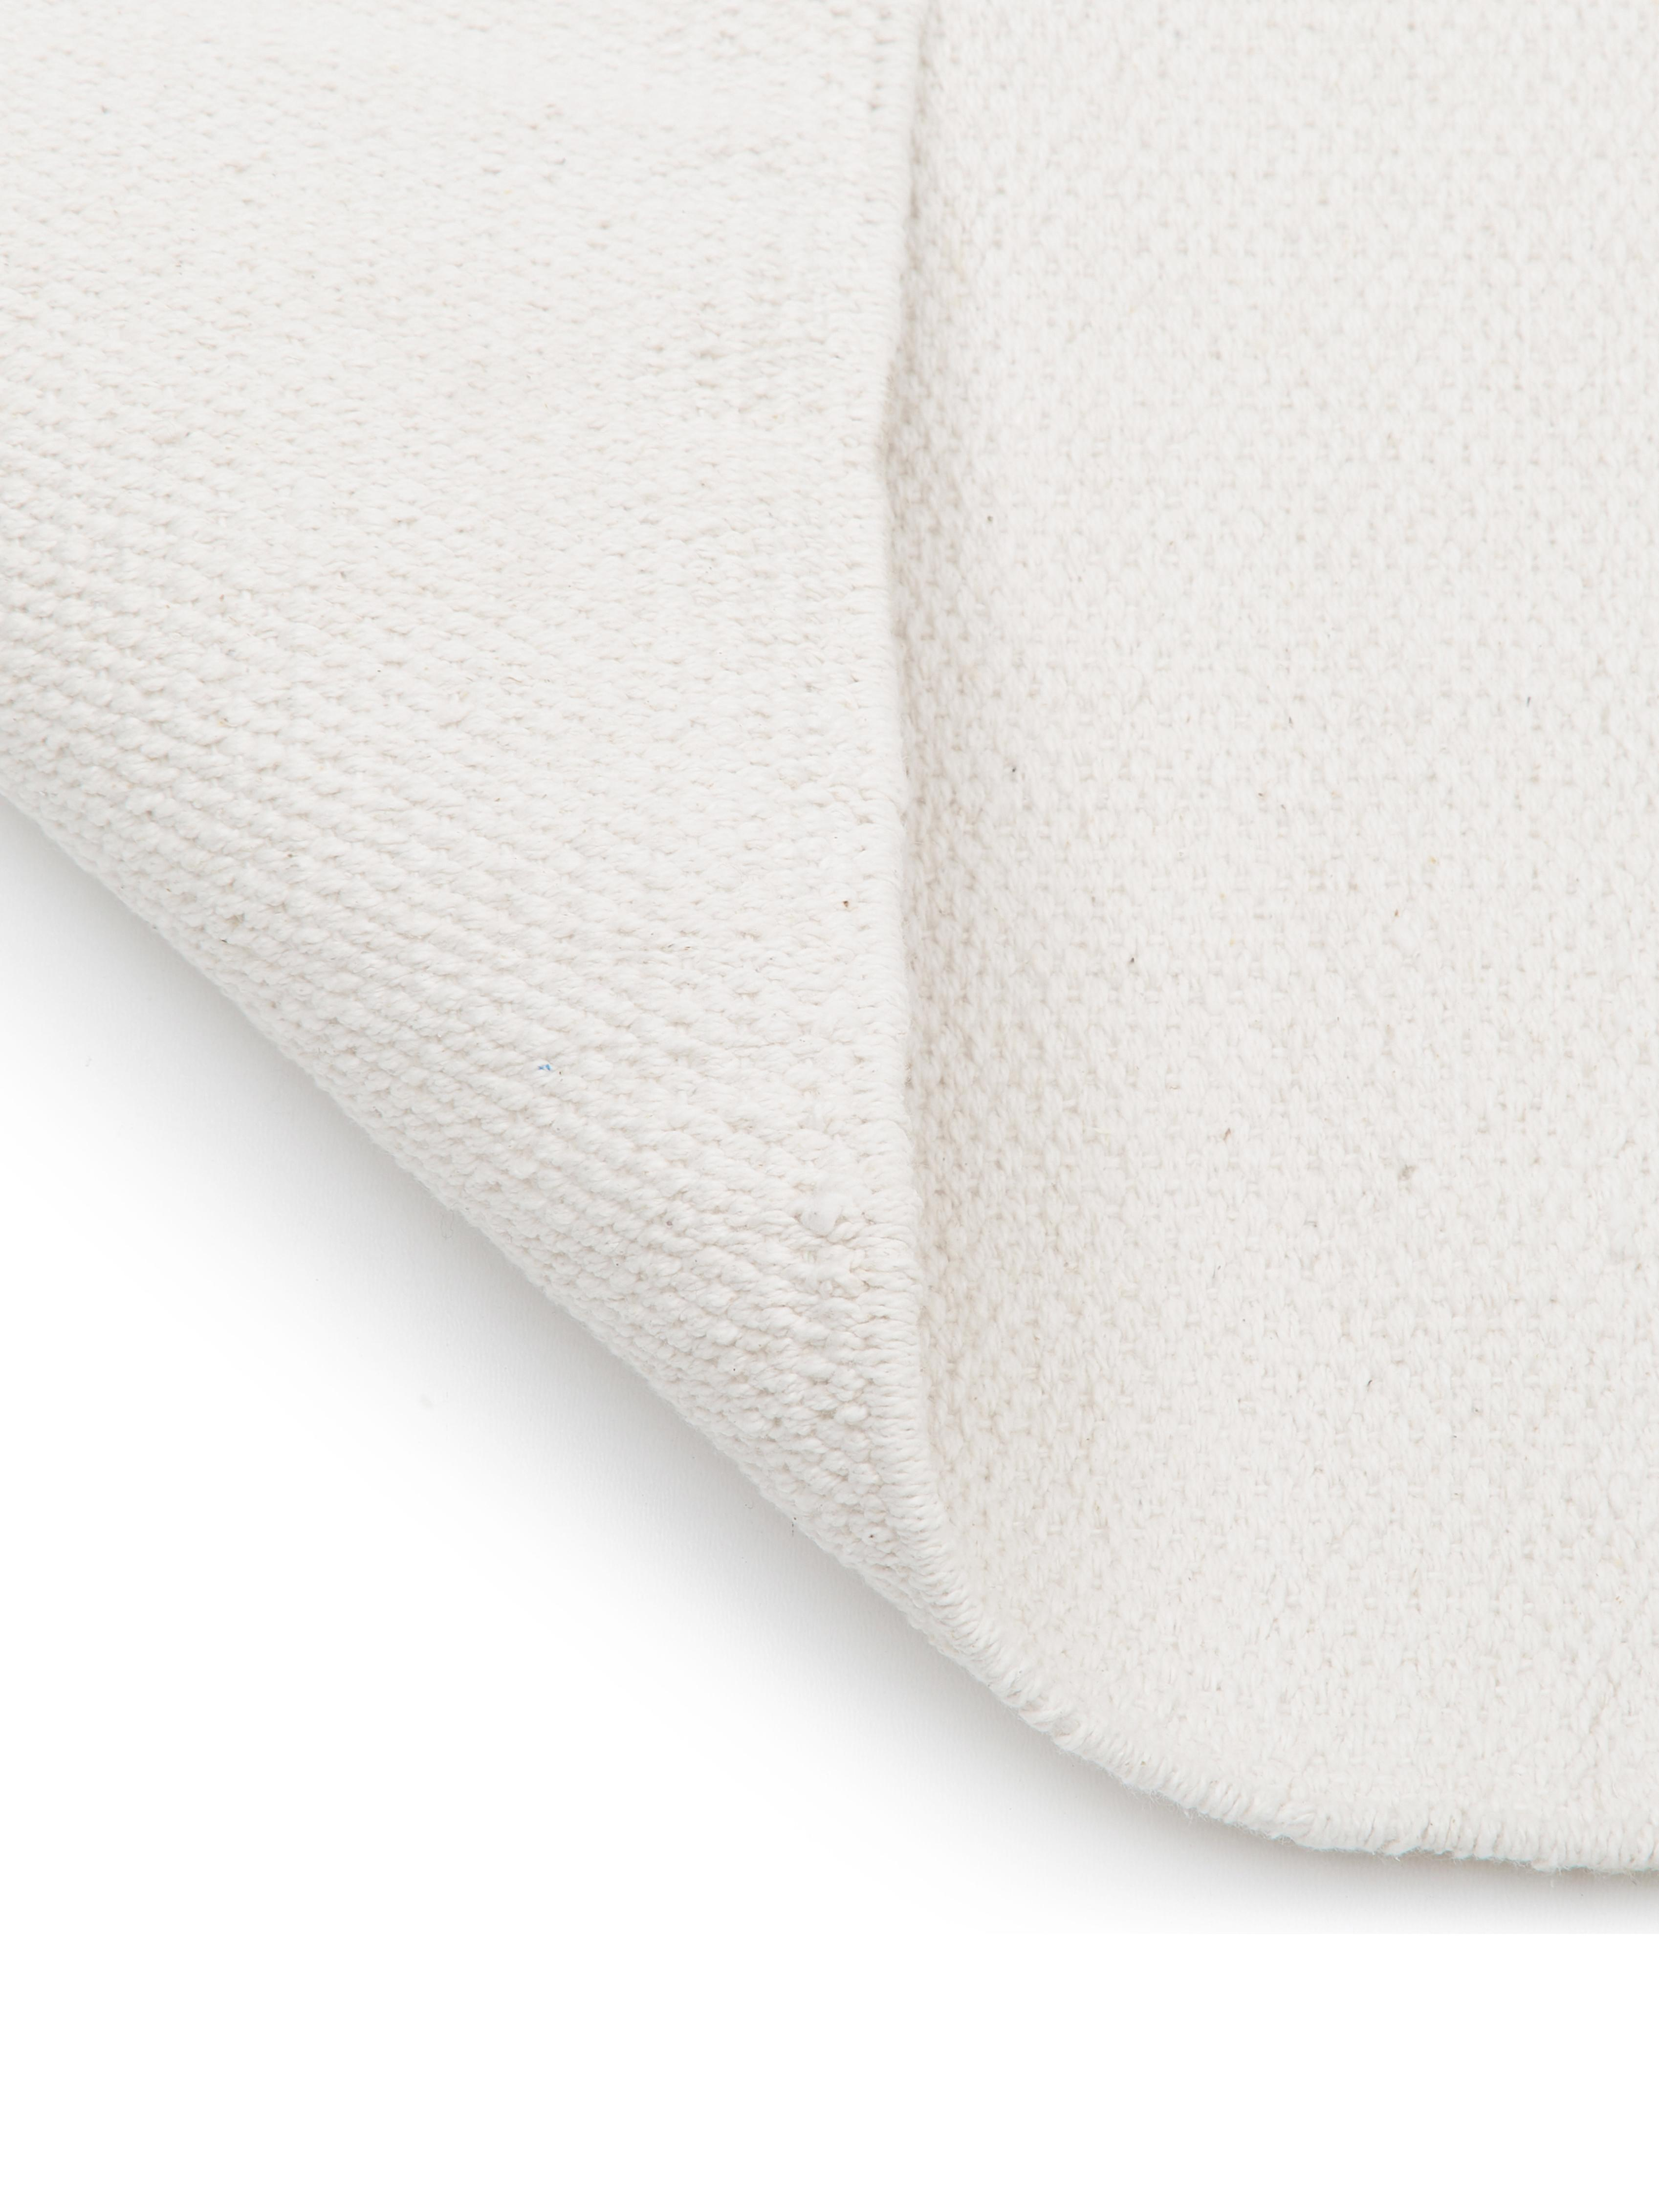 Dünner Baumwollteppich Agneta, handgewebt, 100% Baumwolle, Cremeweiß, B 160 x L 230 cm (Größe M)